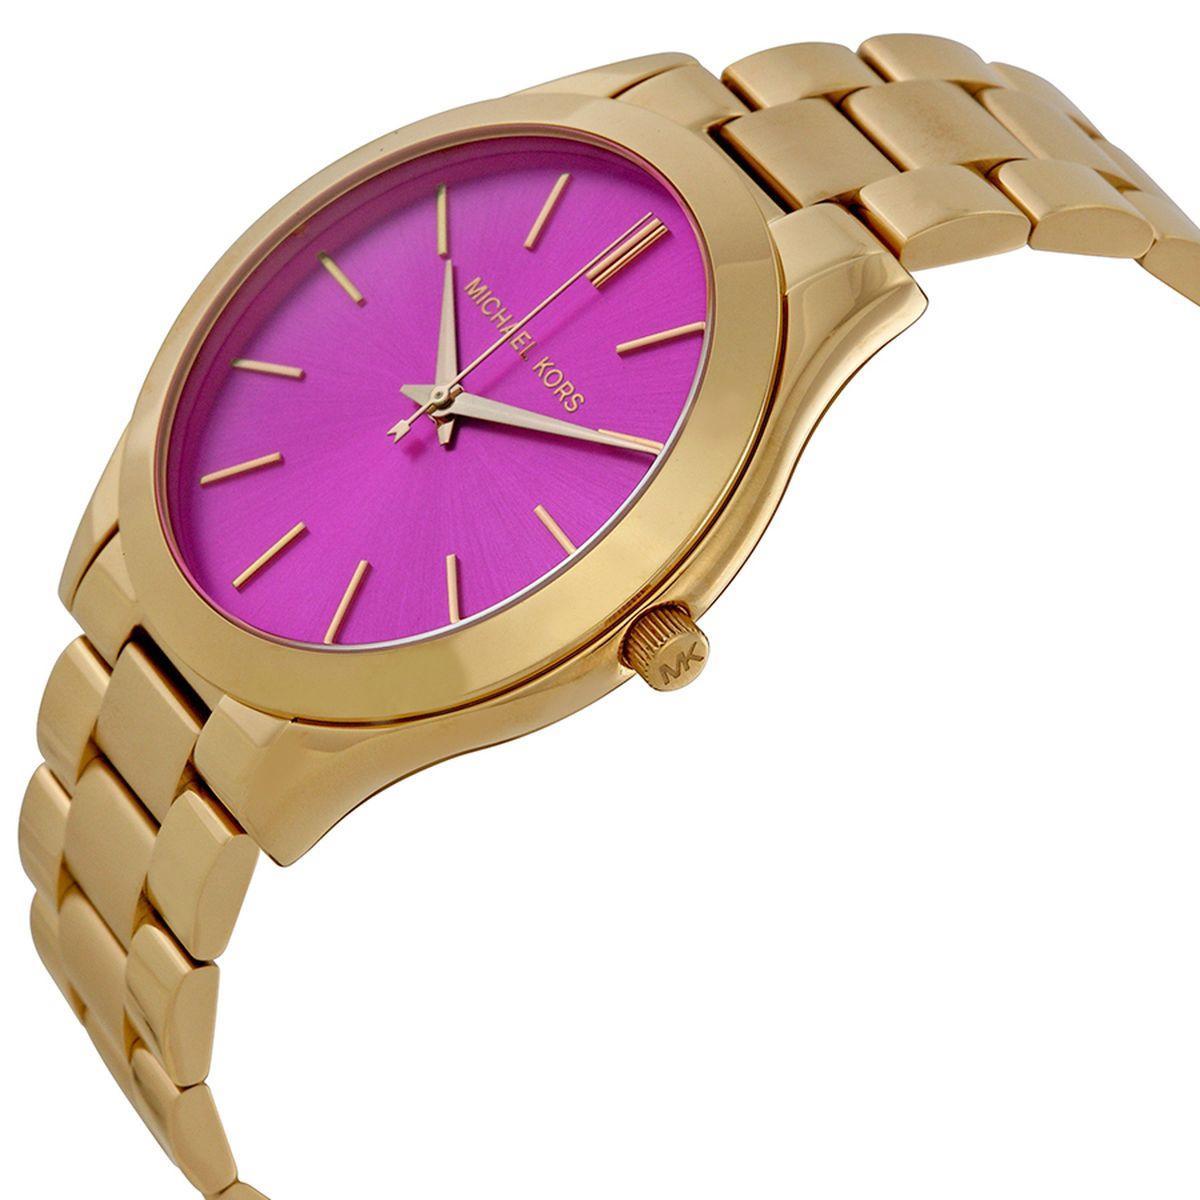 5b040593201 Relógio michael kors feminino mk3264 - Relógio Feminino - Magazine Luiza